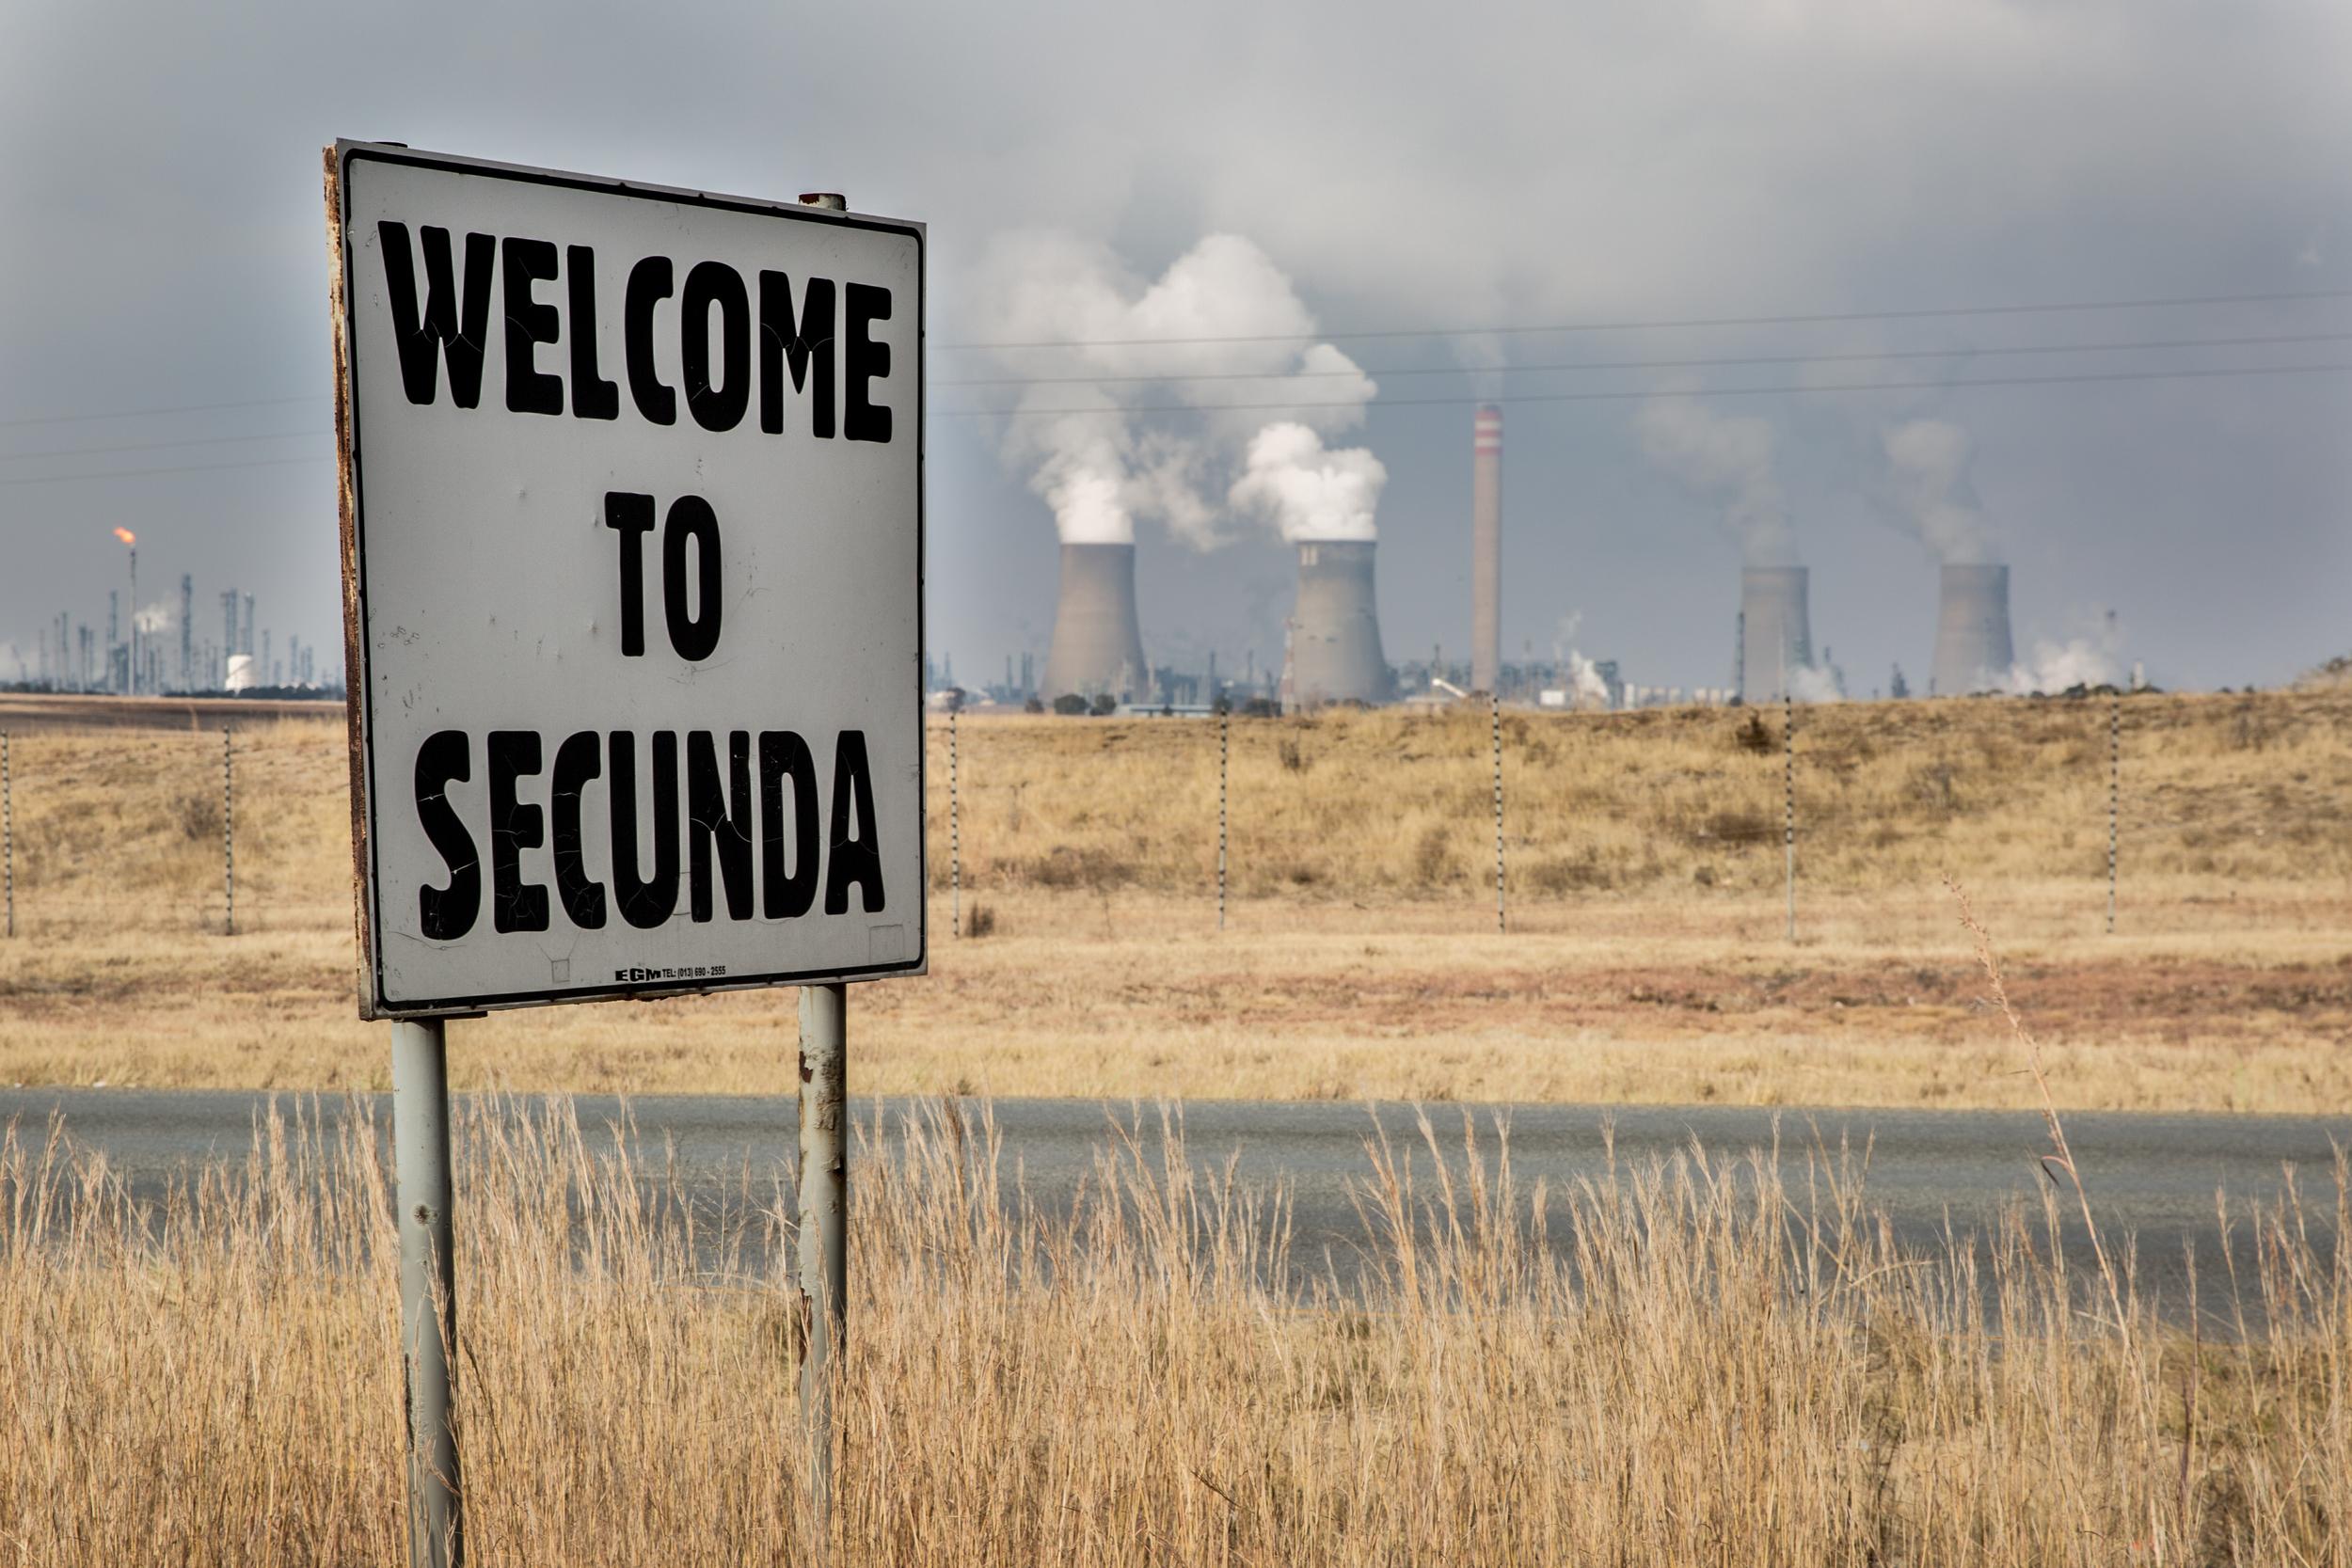 Sasol's plant in Secunda